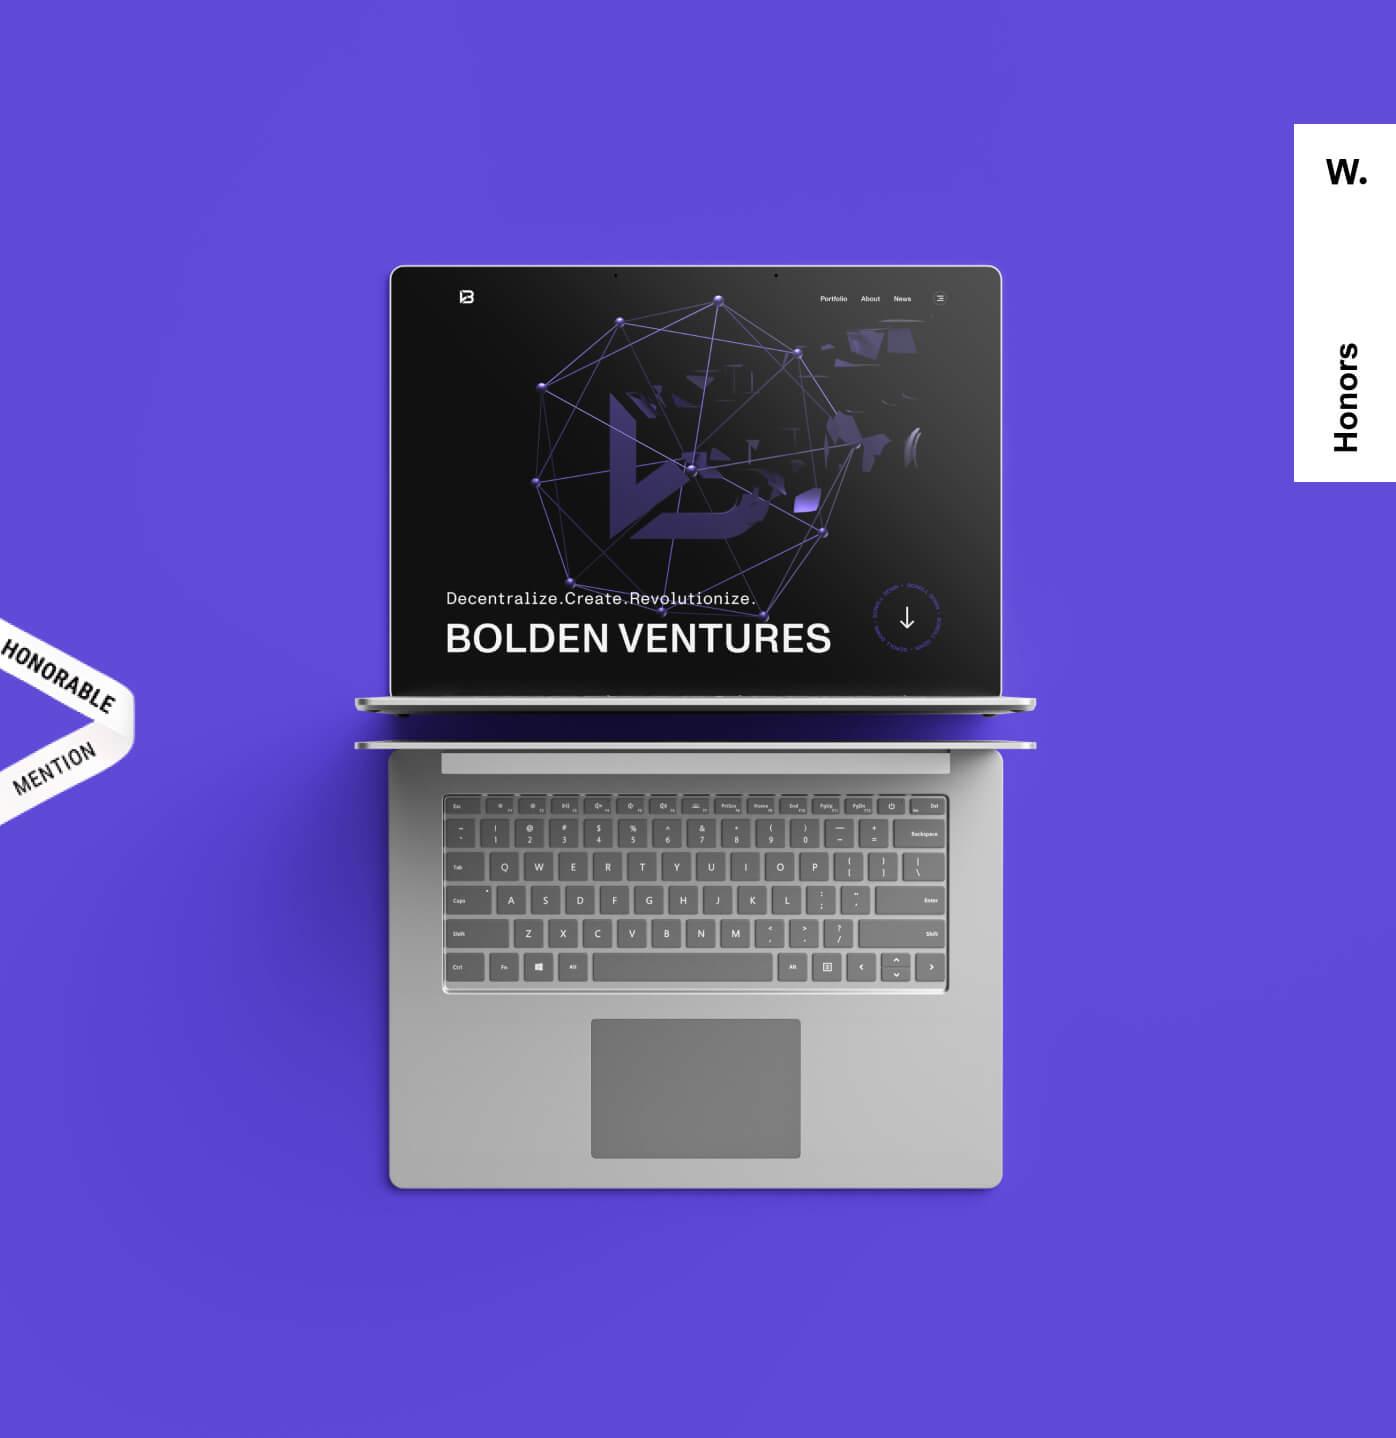 Bolden Ventures branding and website.